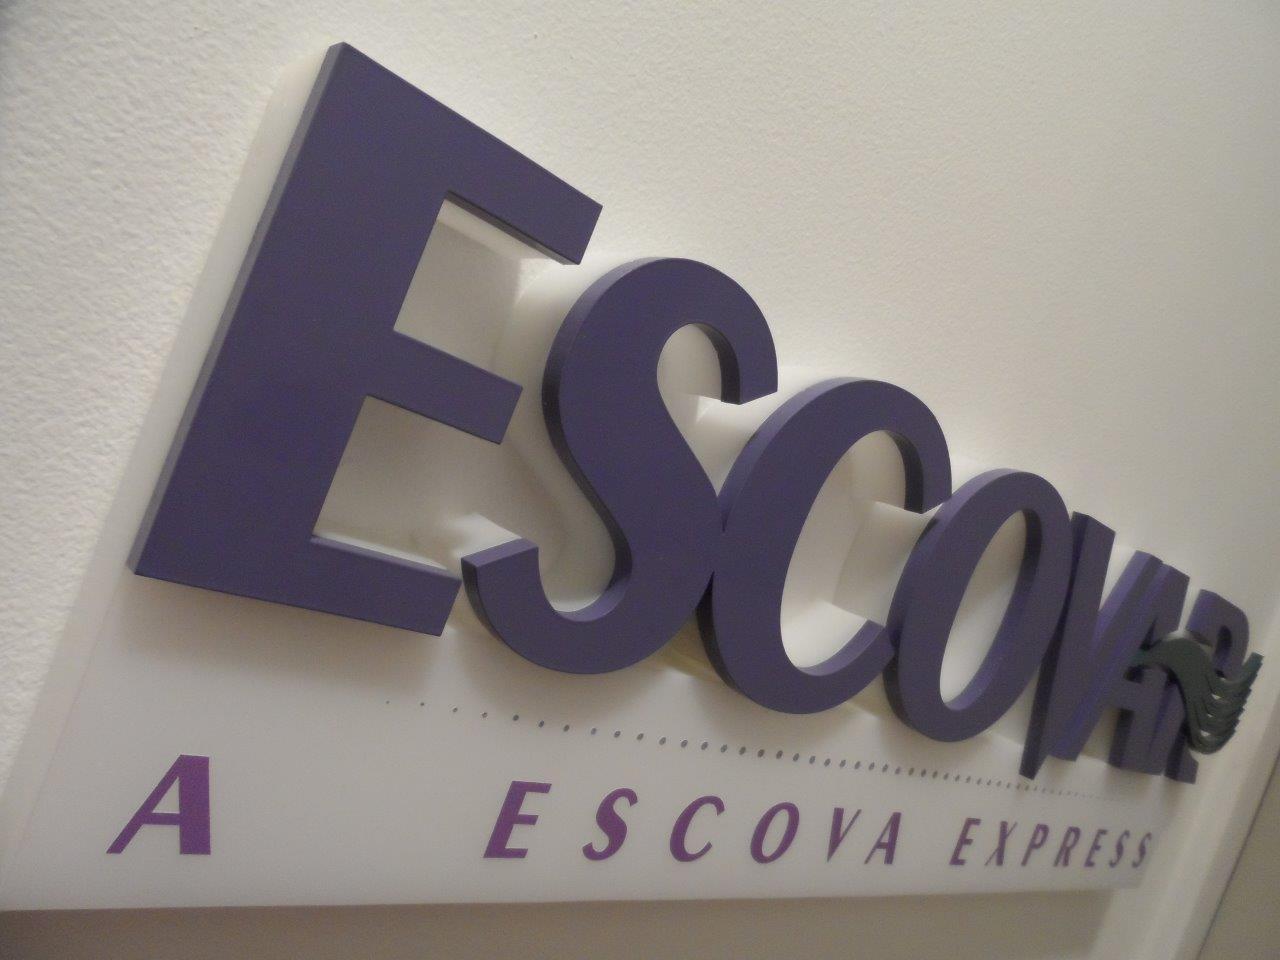 ESCOVAR EXPRESS